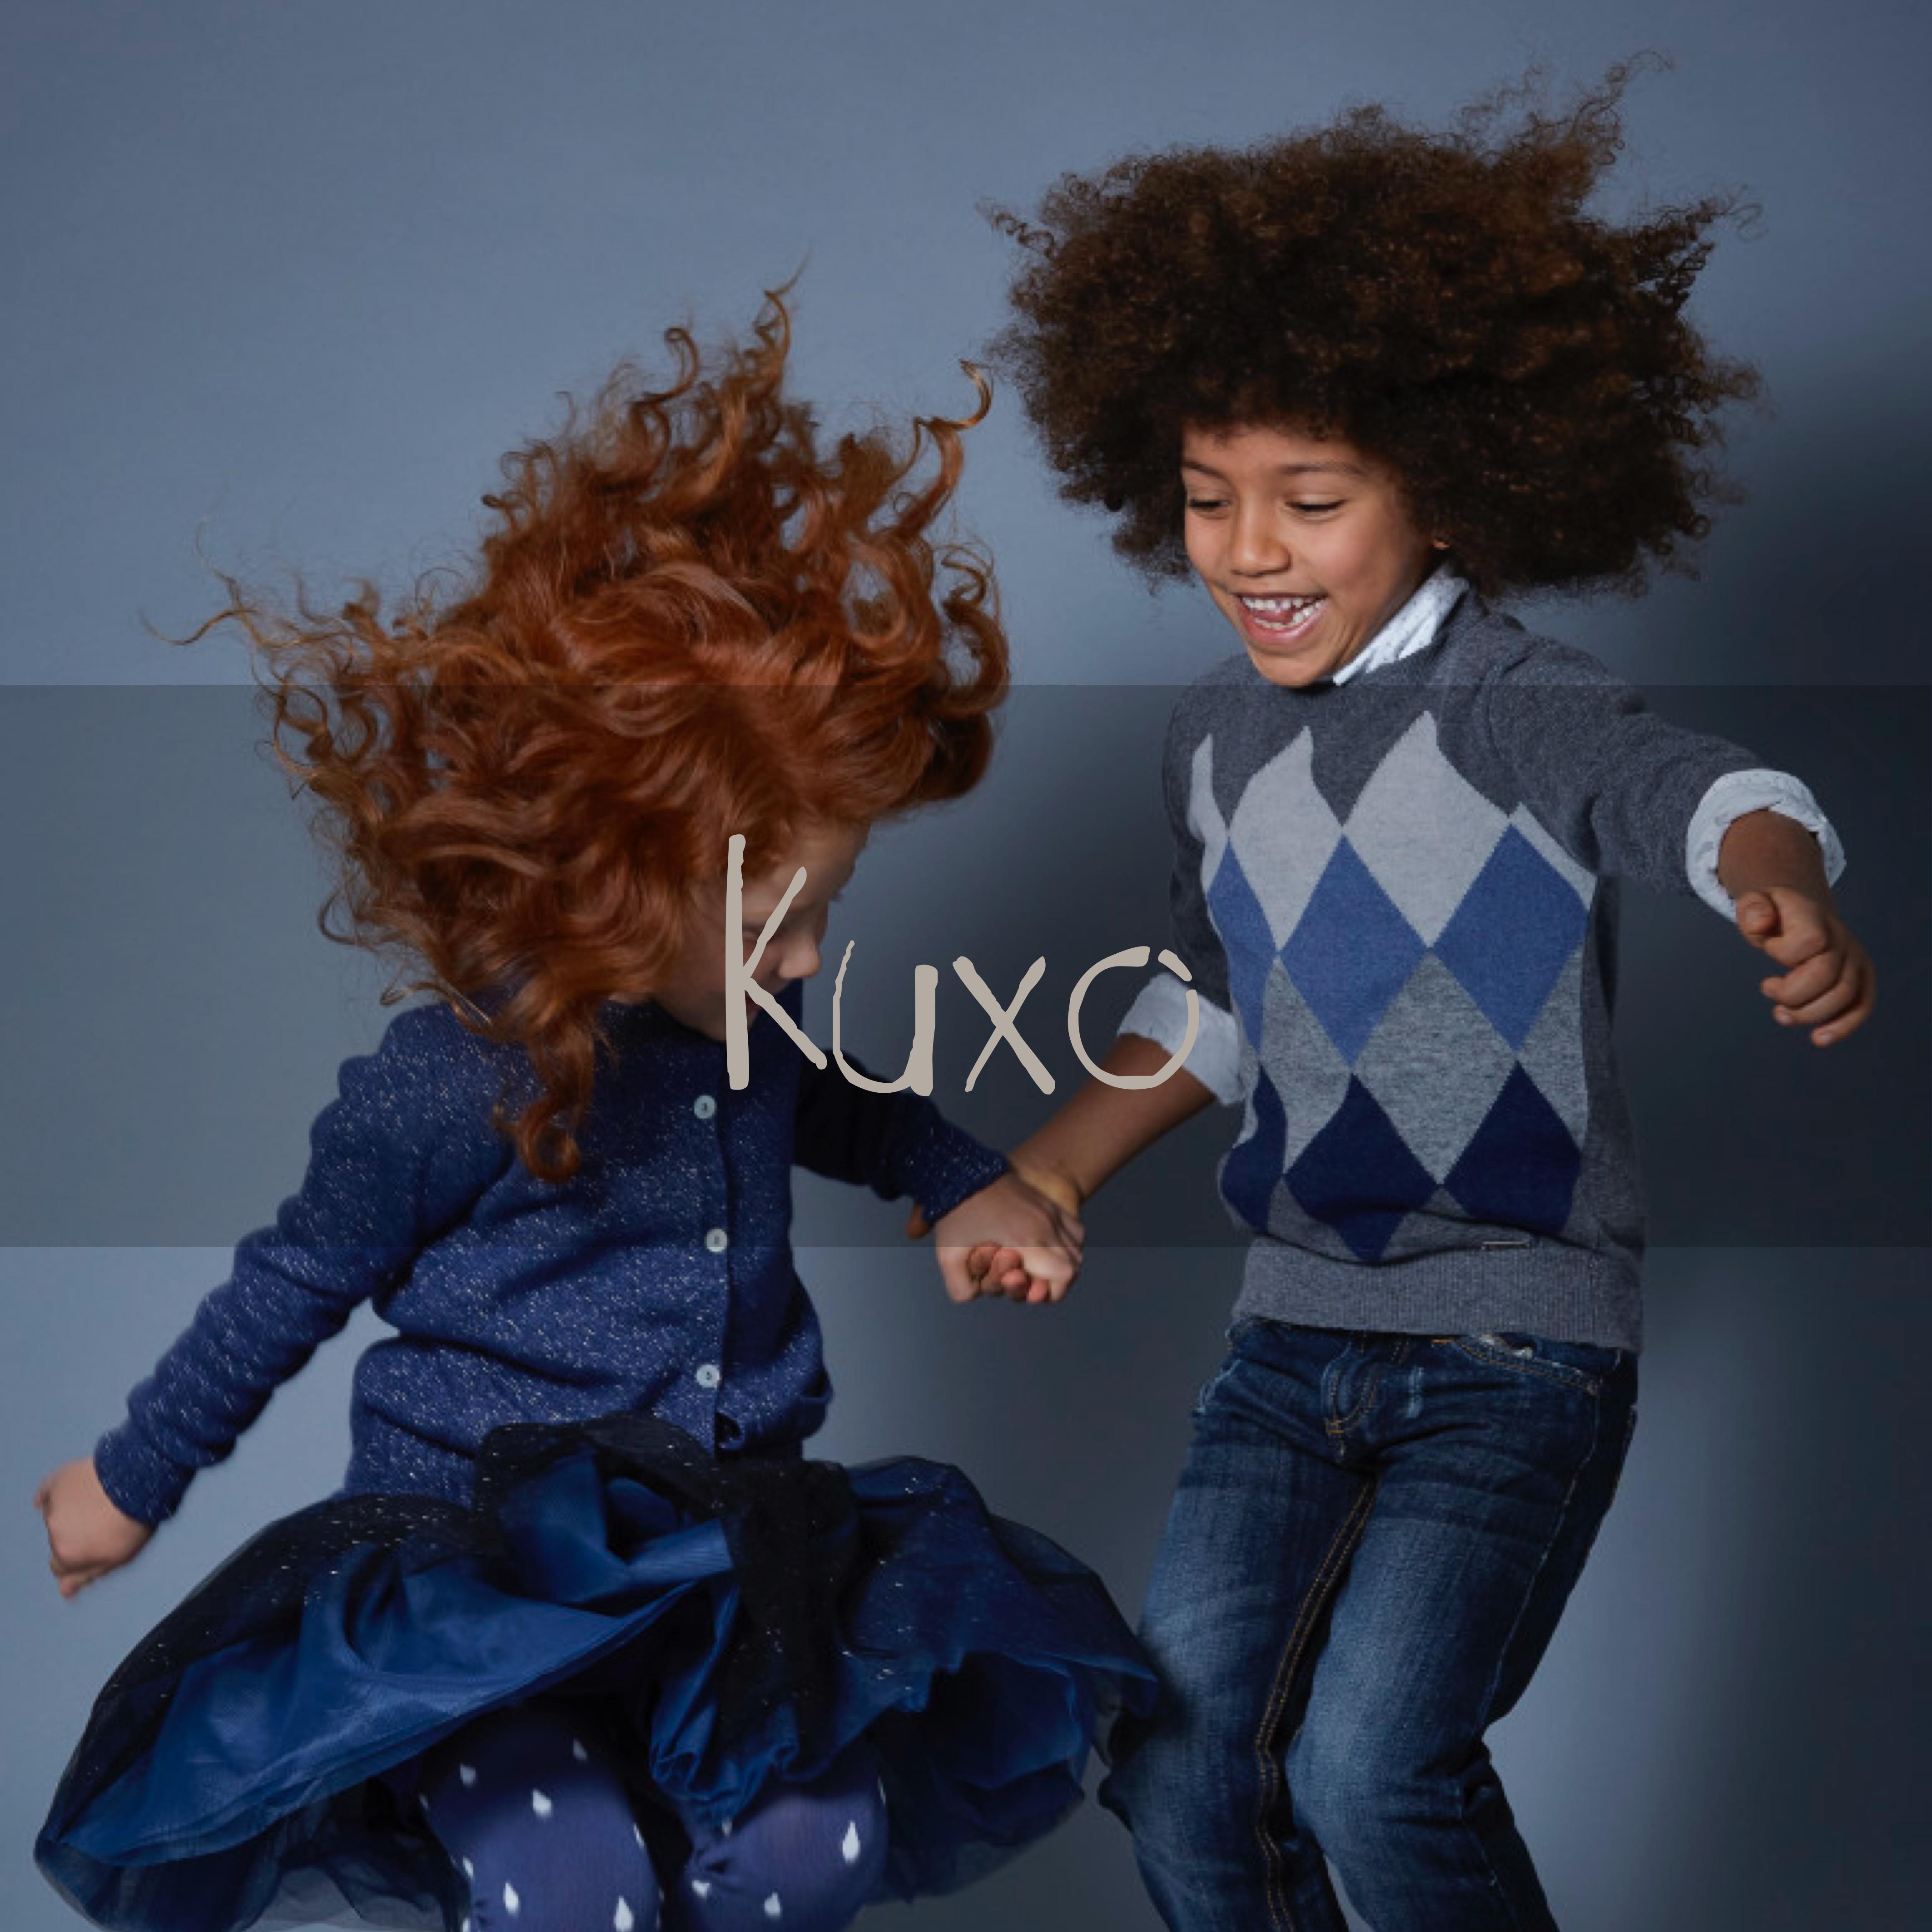 Kuxo website logo